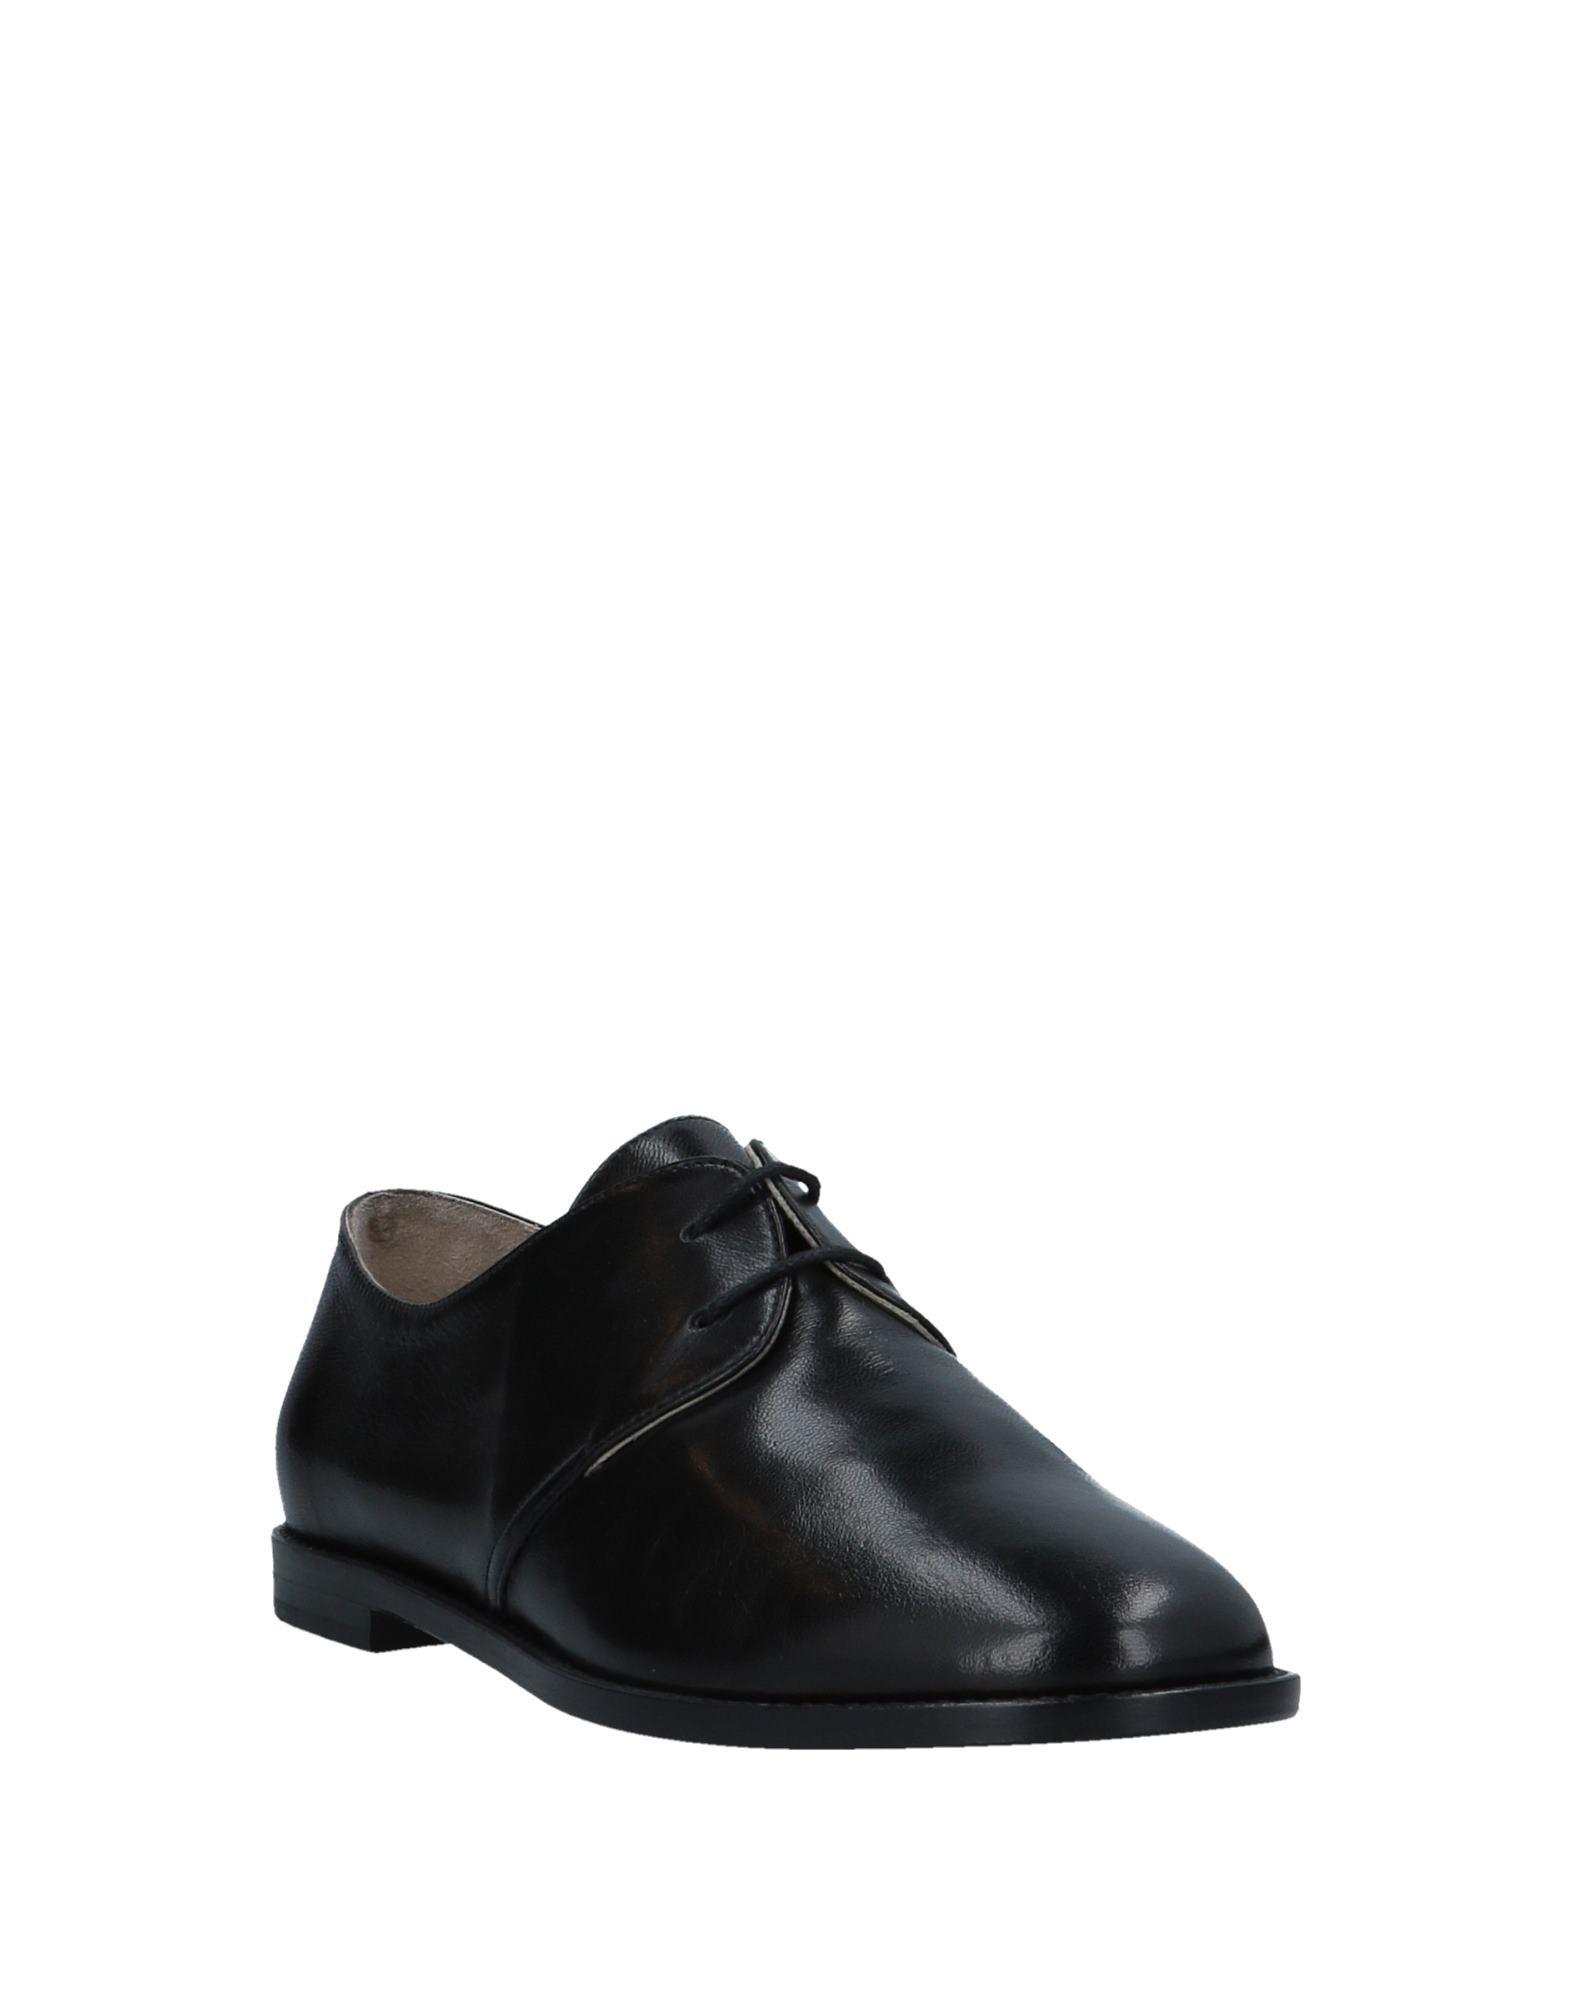 Stilvolle Damen billige Schuhe Cheville Schnürschuhe Damen Stilvolle  11536921BU 3001b5